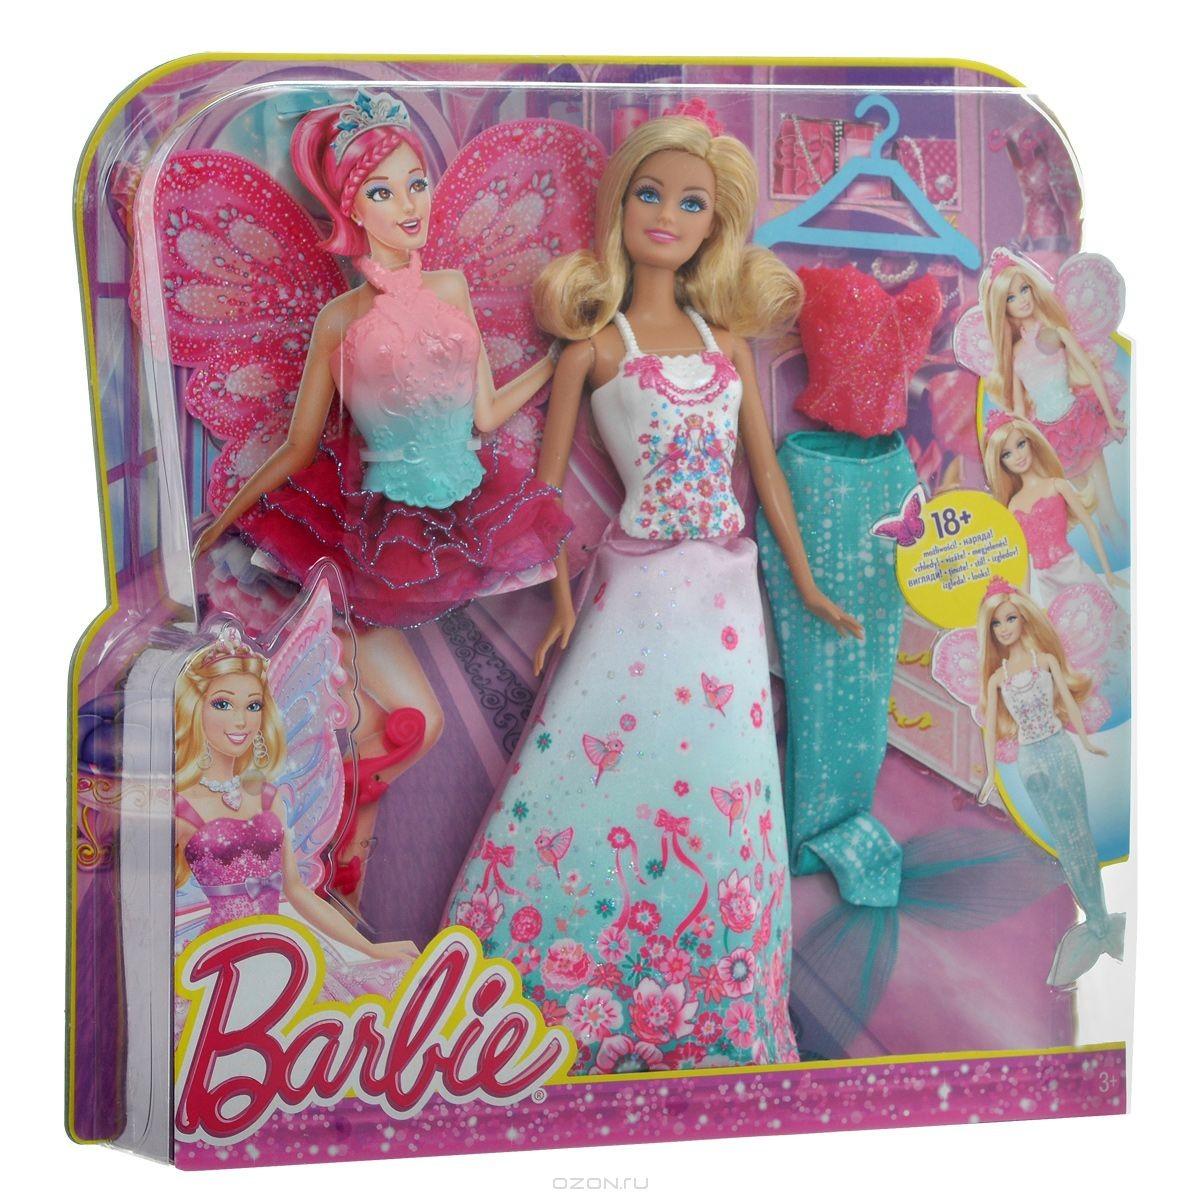 Кукла Барби со сказочными нарядами